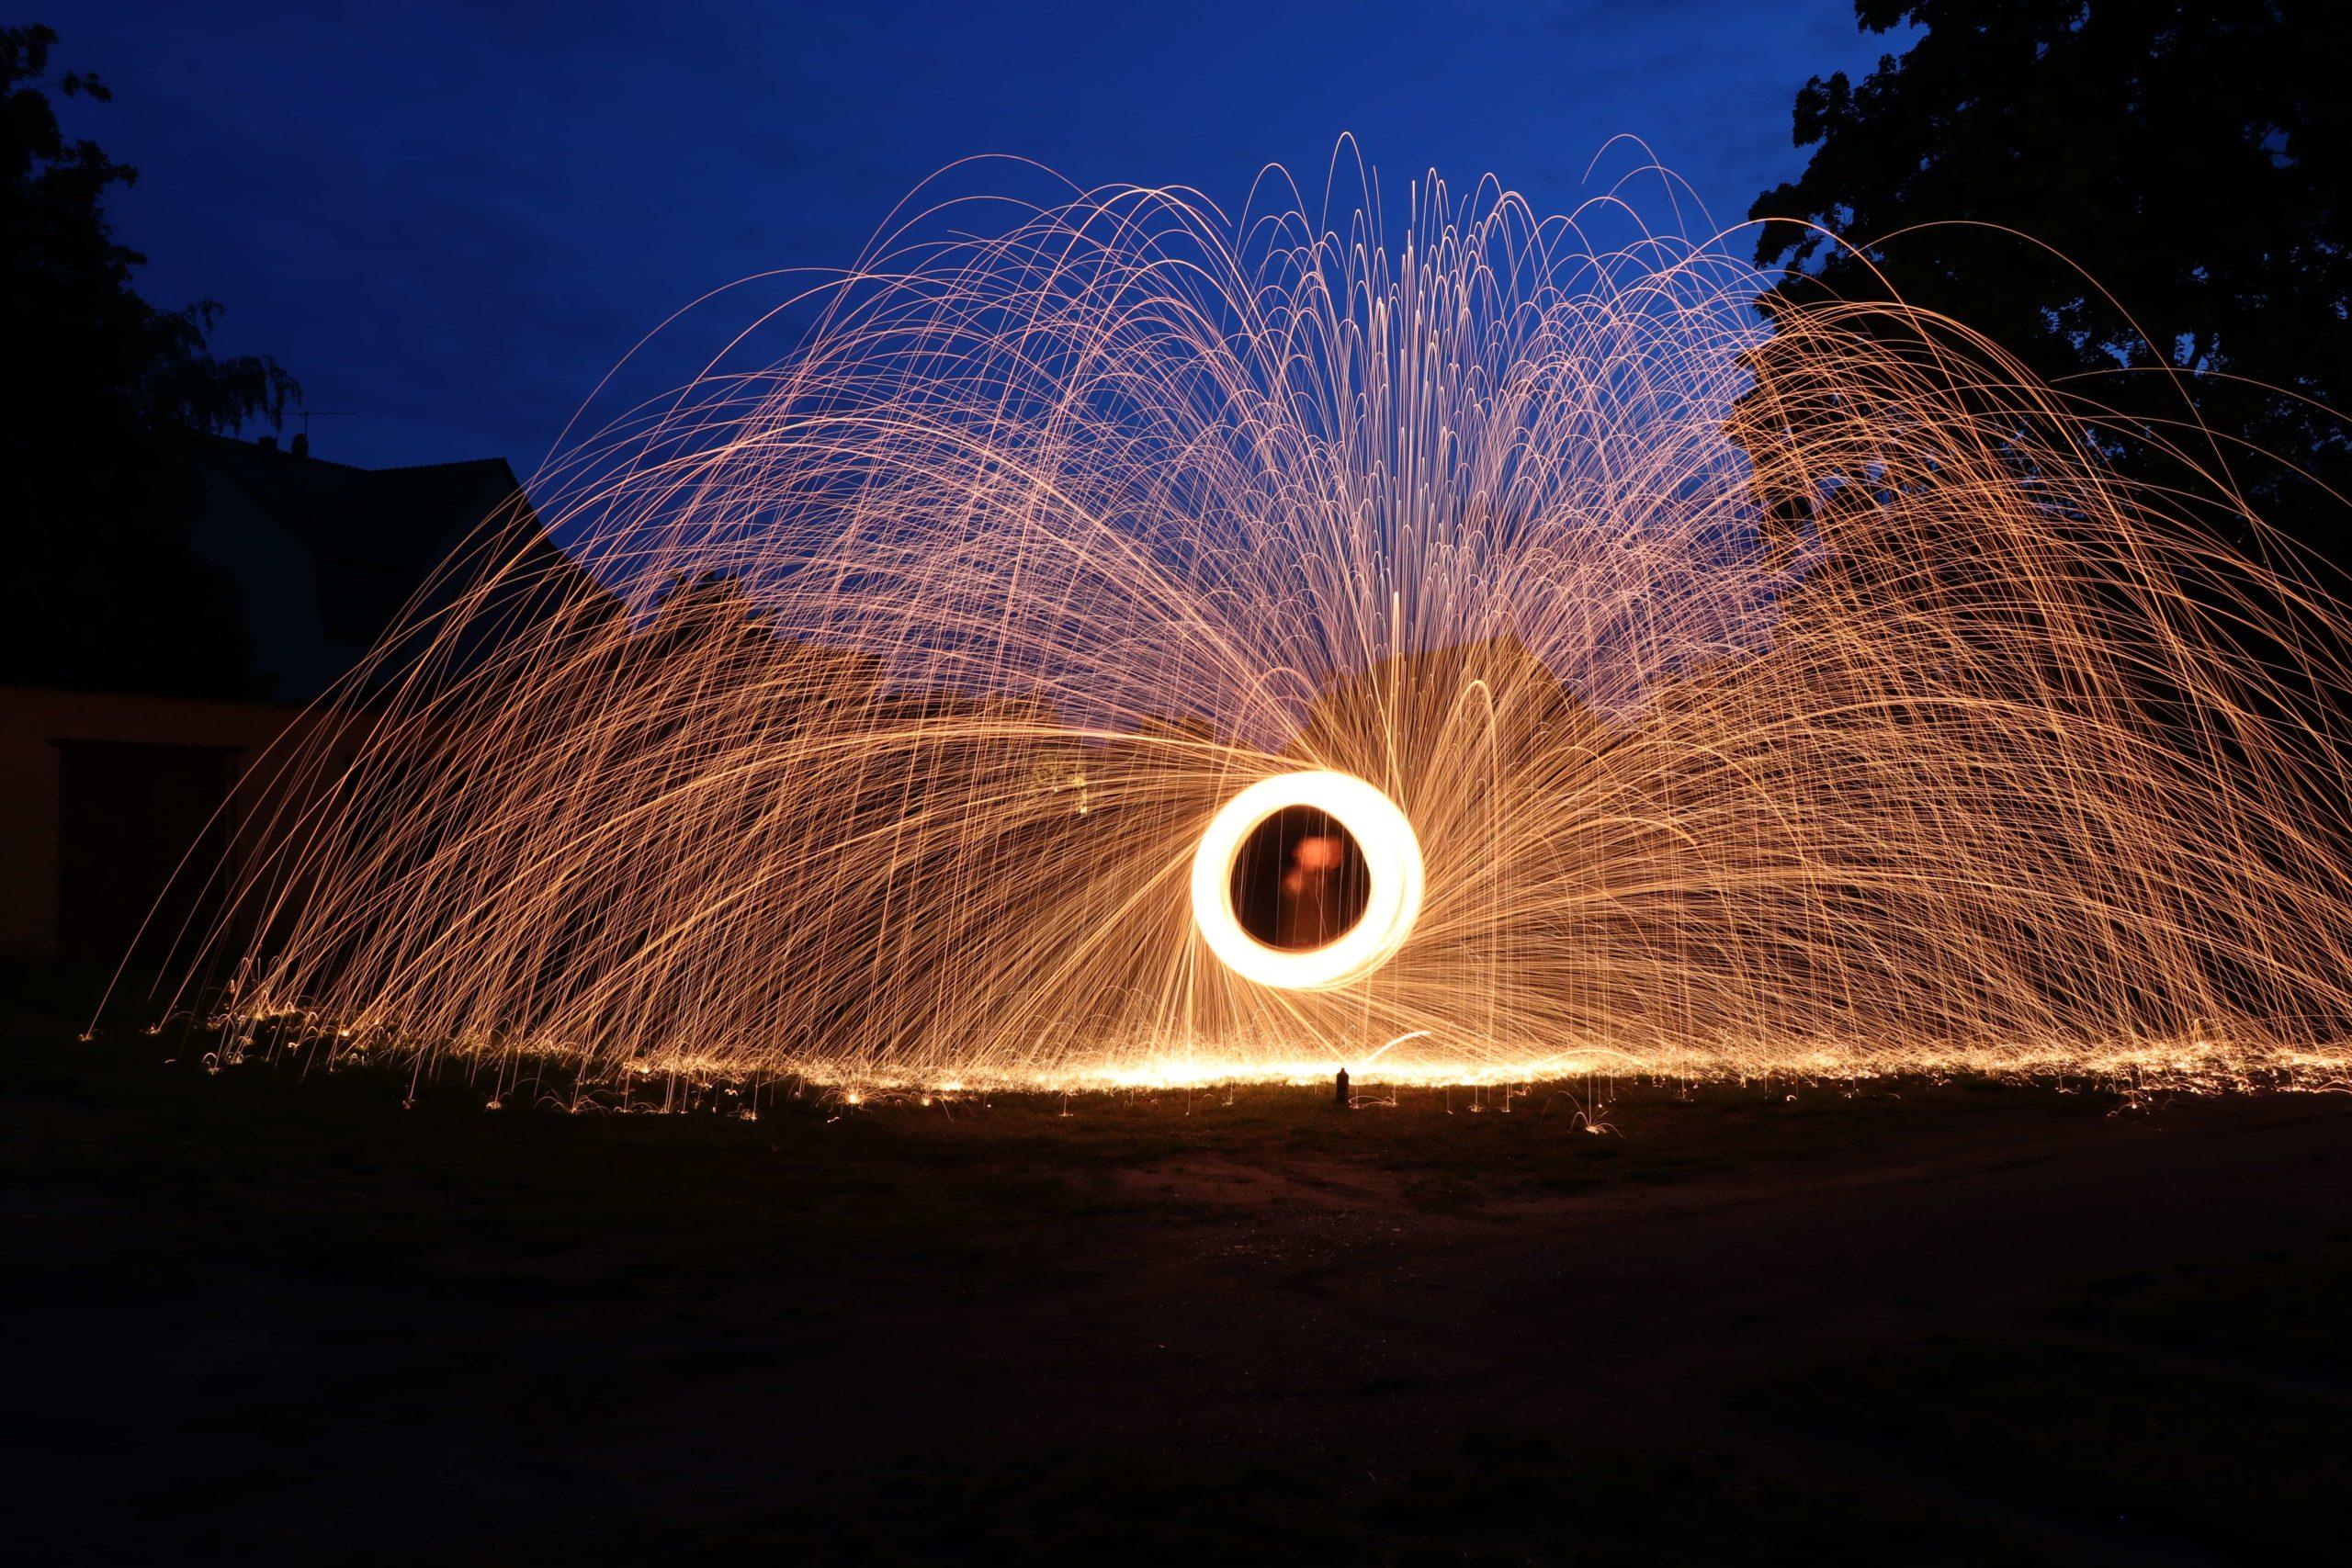 森のなかの球体と降り注ぐ炎の雨